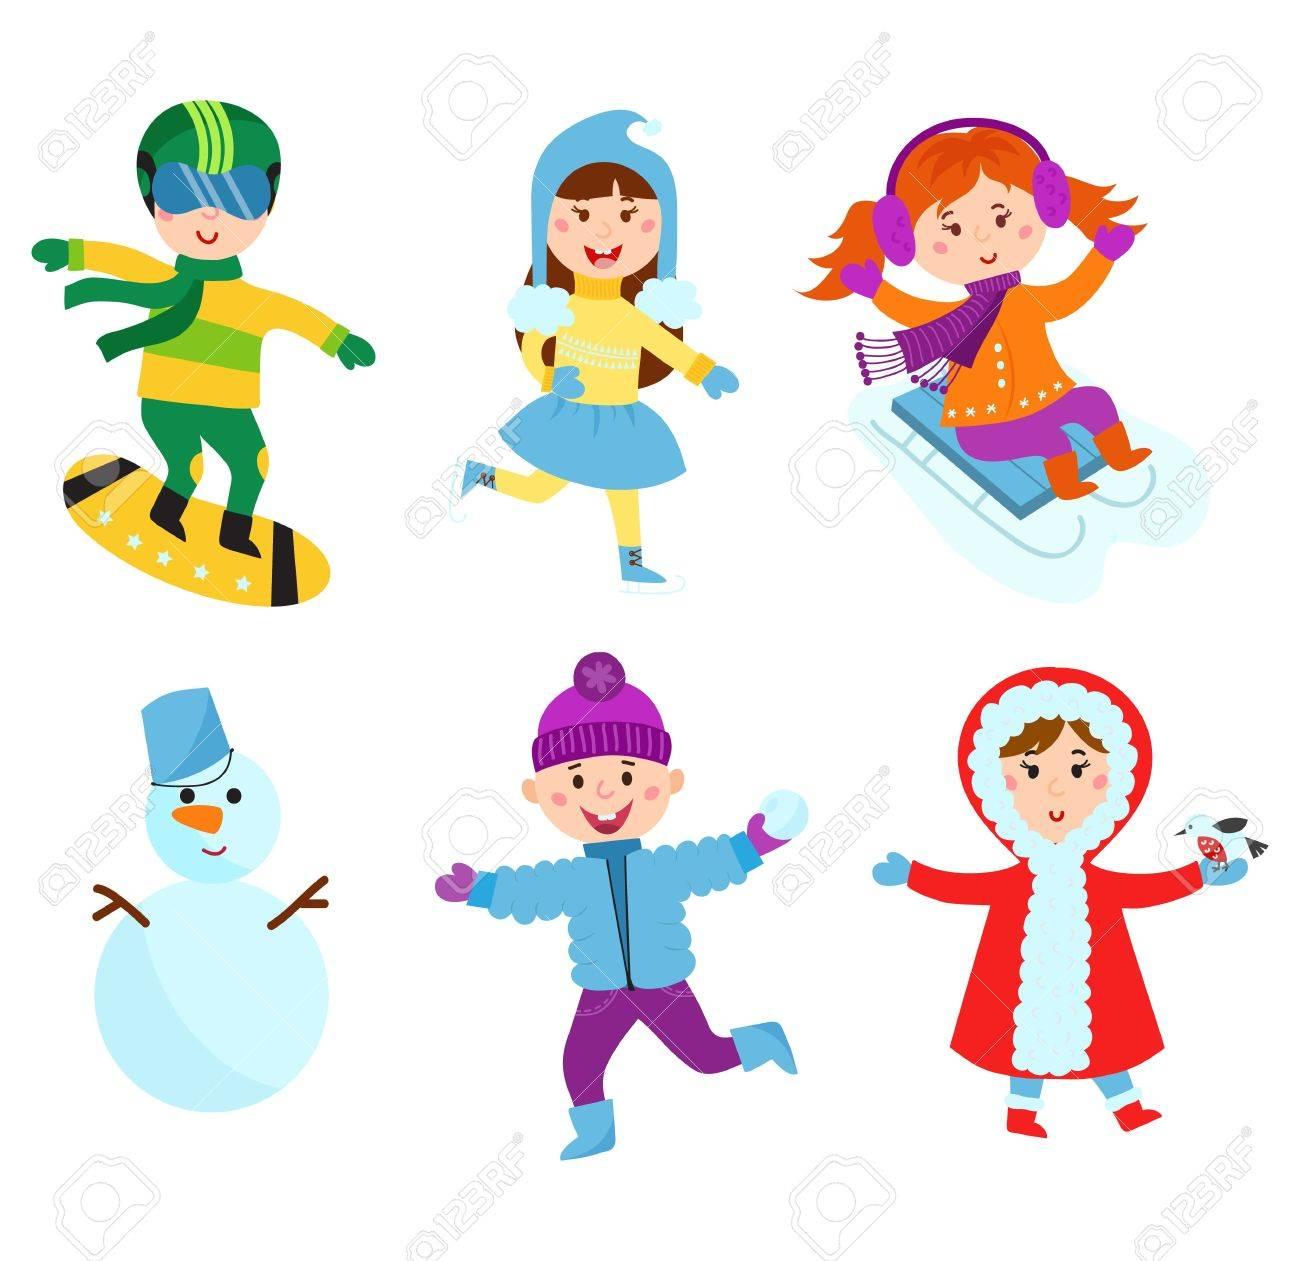 Navidad Ninos Que Juegan Juegos De Invierno En Trineo Vestidos De